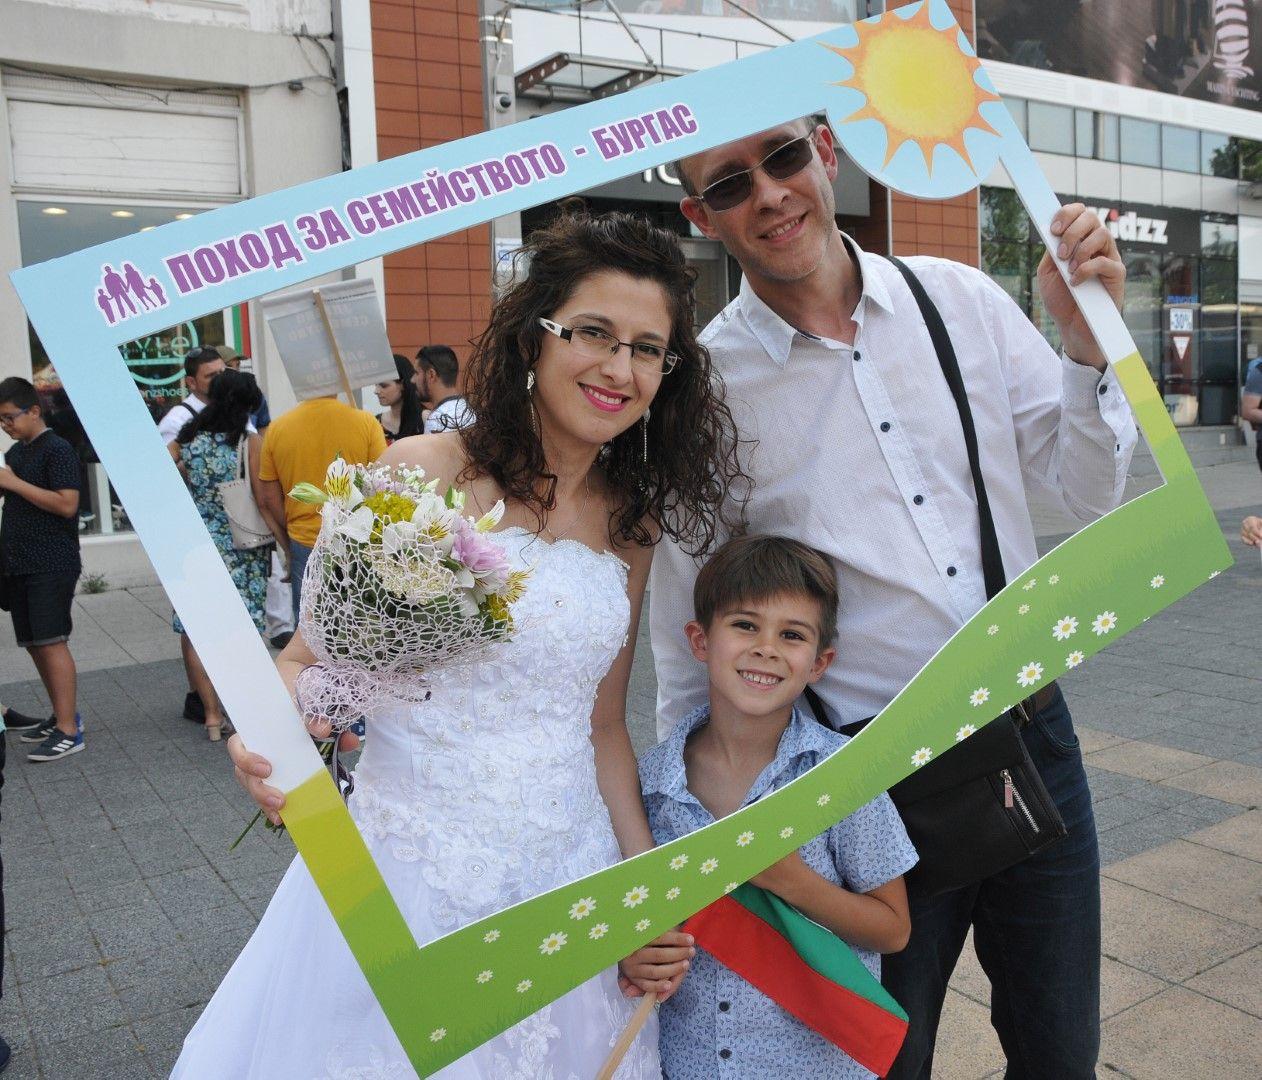 За шеста поредна година граждани се застъпват за брака между мъж и жена и семейните ценности в Бургас